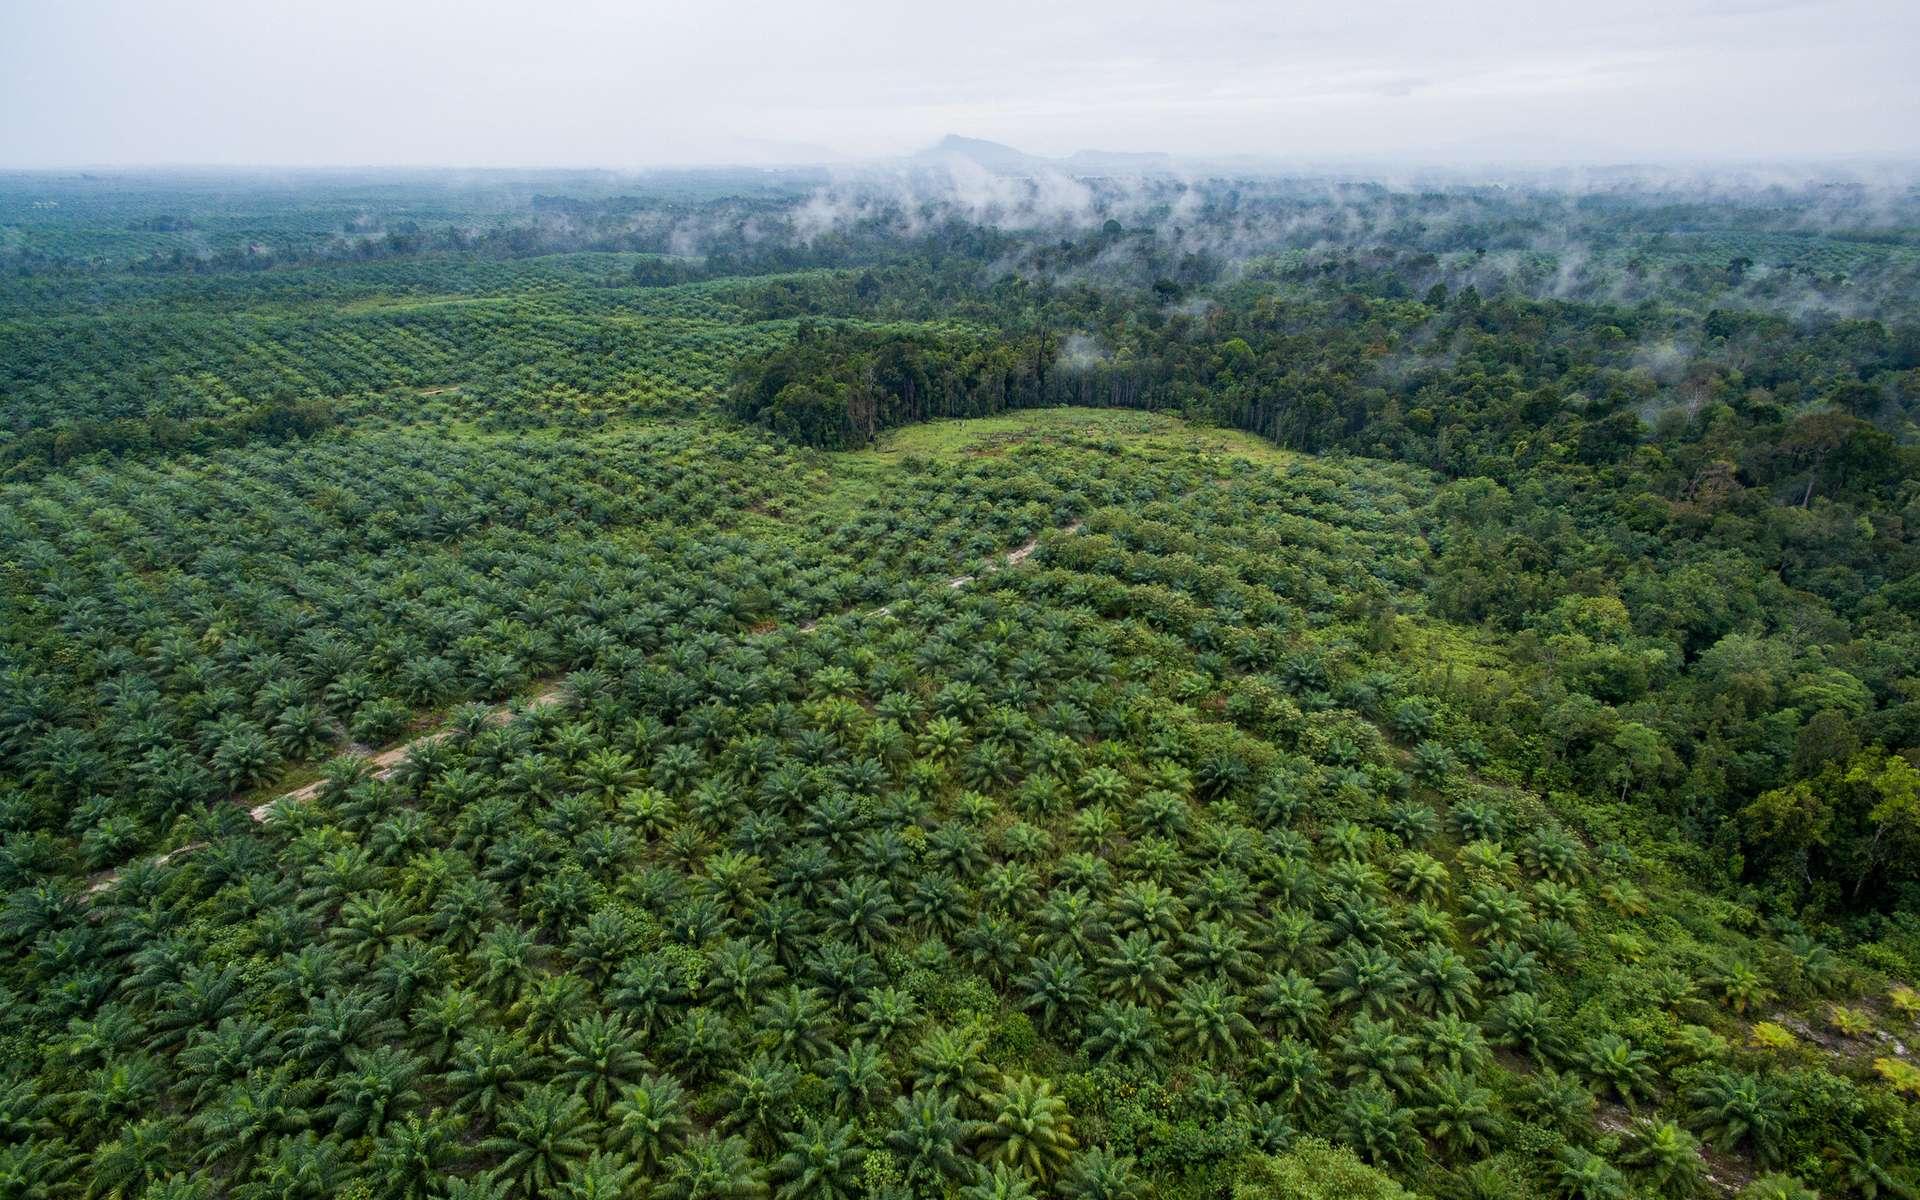 En Malaisie, on teste des palmiers à huile nains pour réduire l'impact des plantations sur la forêt tropicale. © Nanang Sujana/CIFOR, Flickr, CC By-NC-ND 2.0